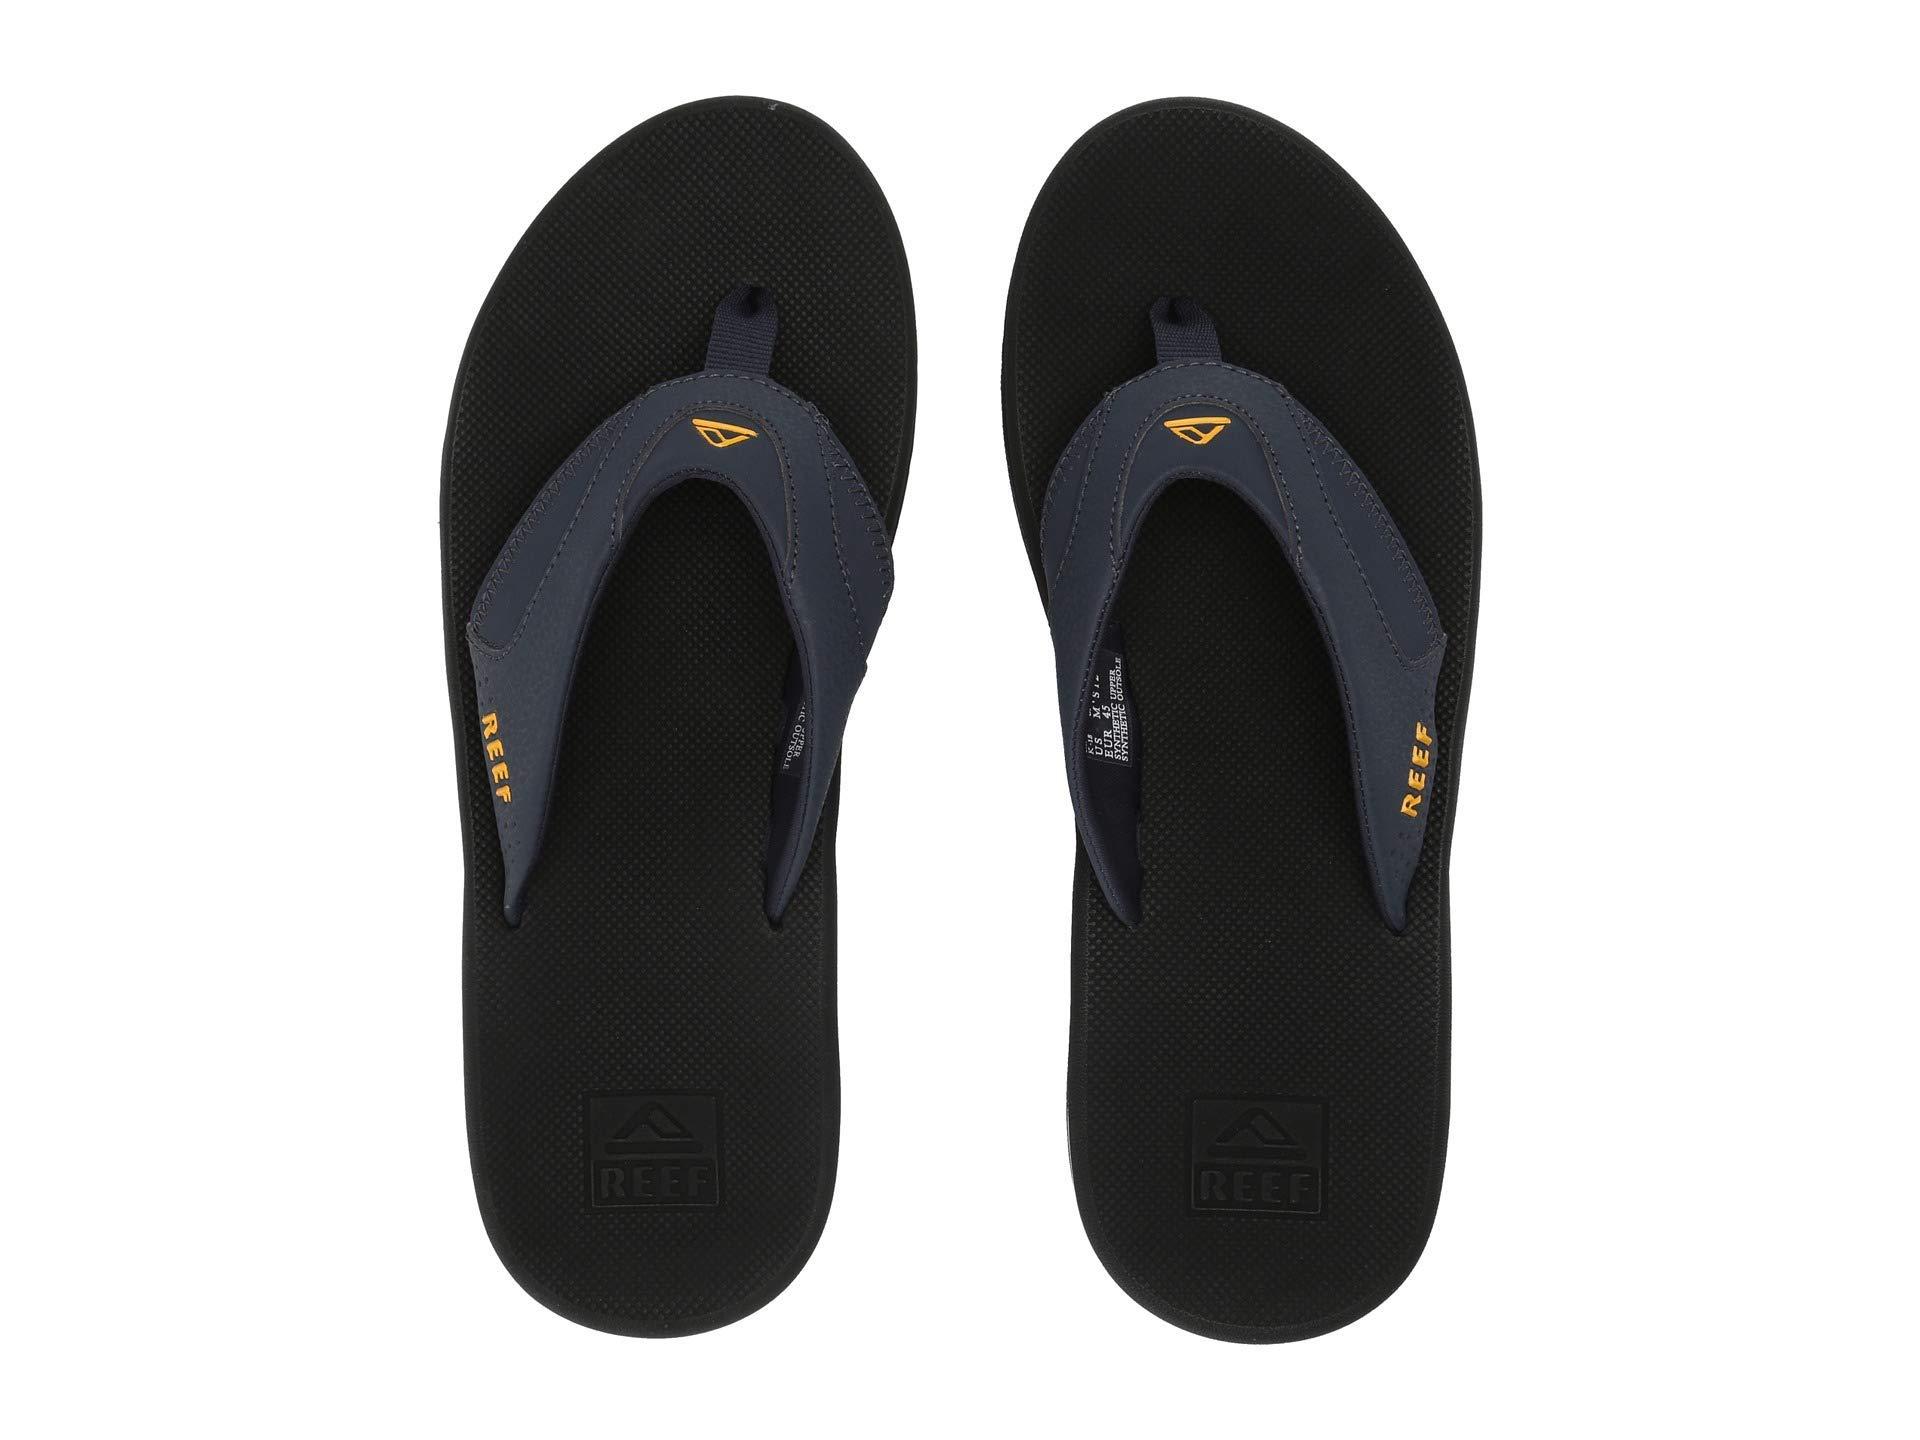 Reef Men's Fanning Sandal Navy/Yellow Size 9